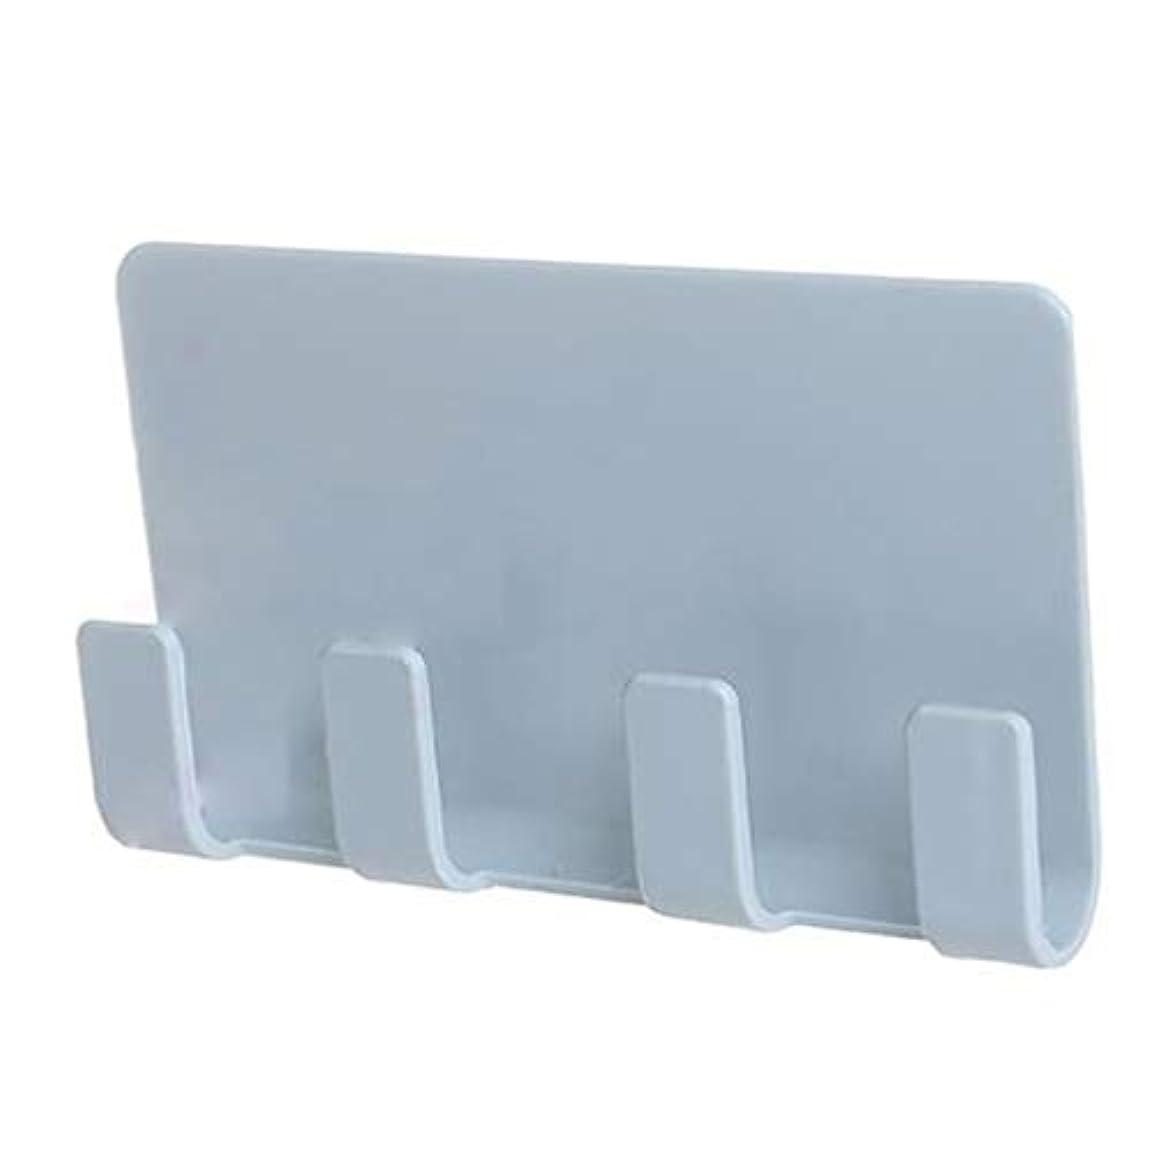 ブームする必要がある怠感壁はルーム傘ステッカーウォールリビングマルチフレームをハンギングステッカー歯ブラシホルダー歯磨き粉をマウント